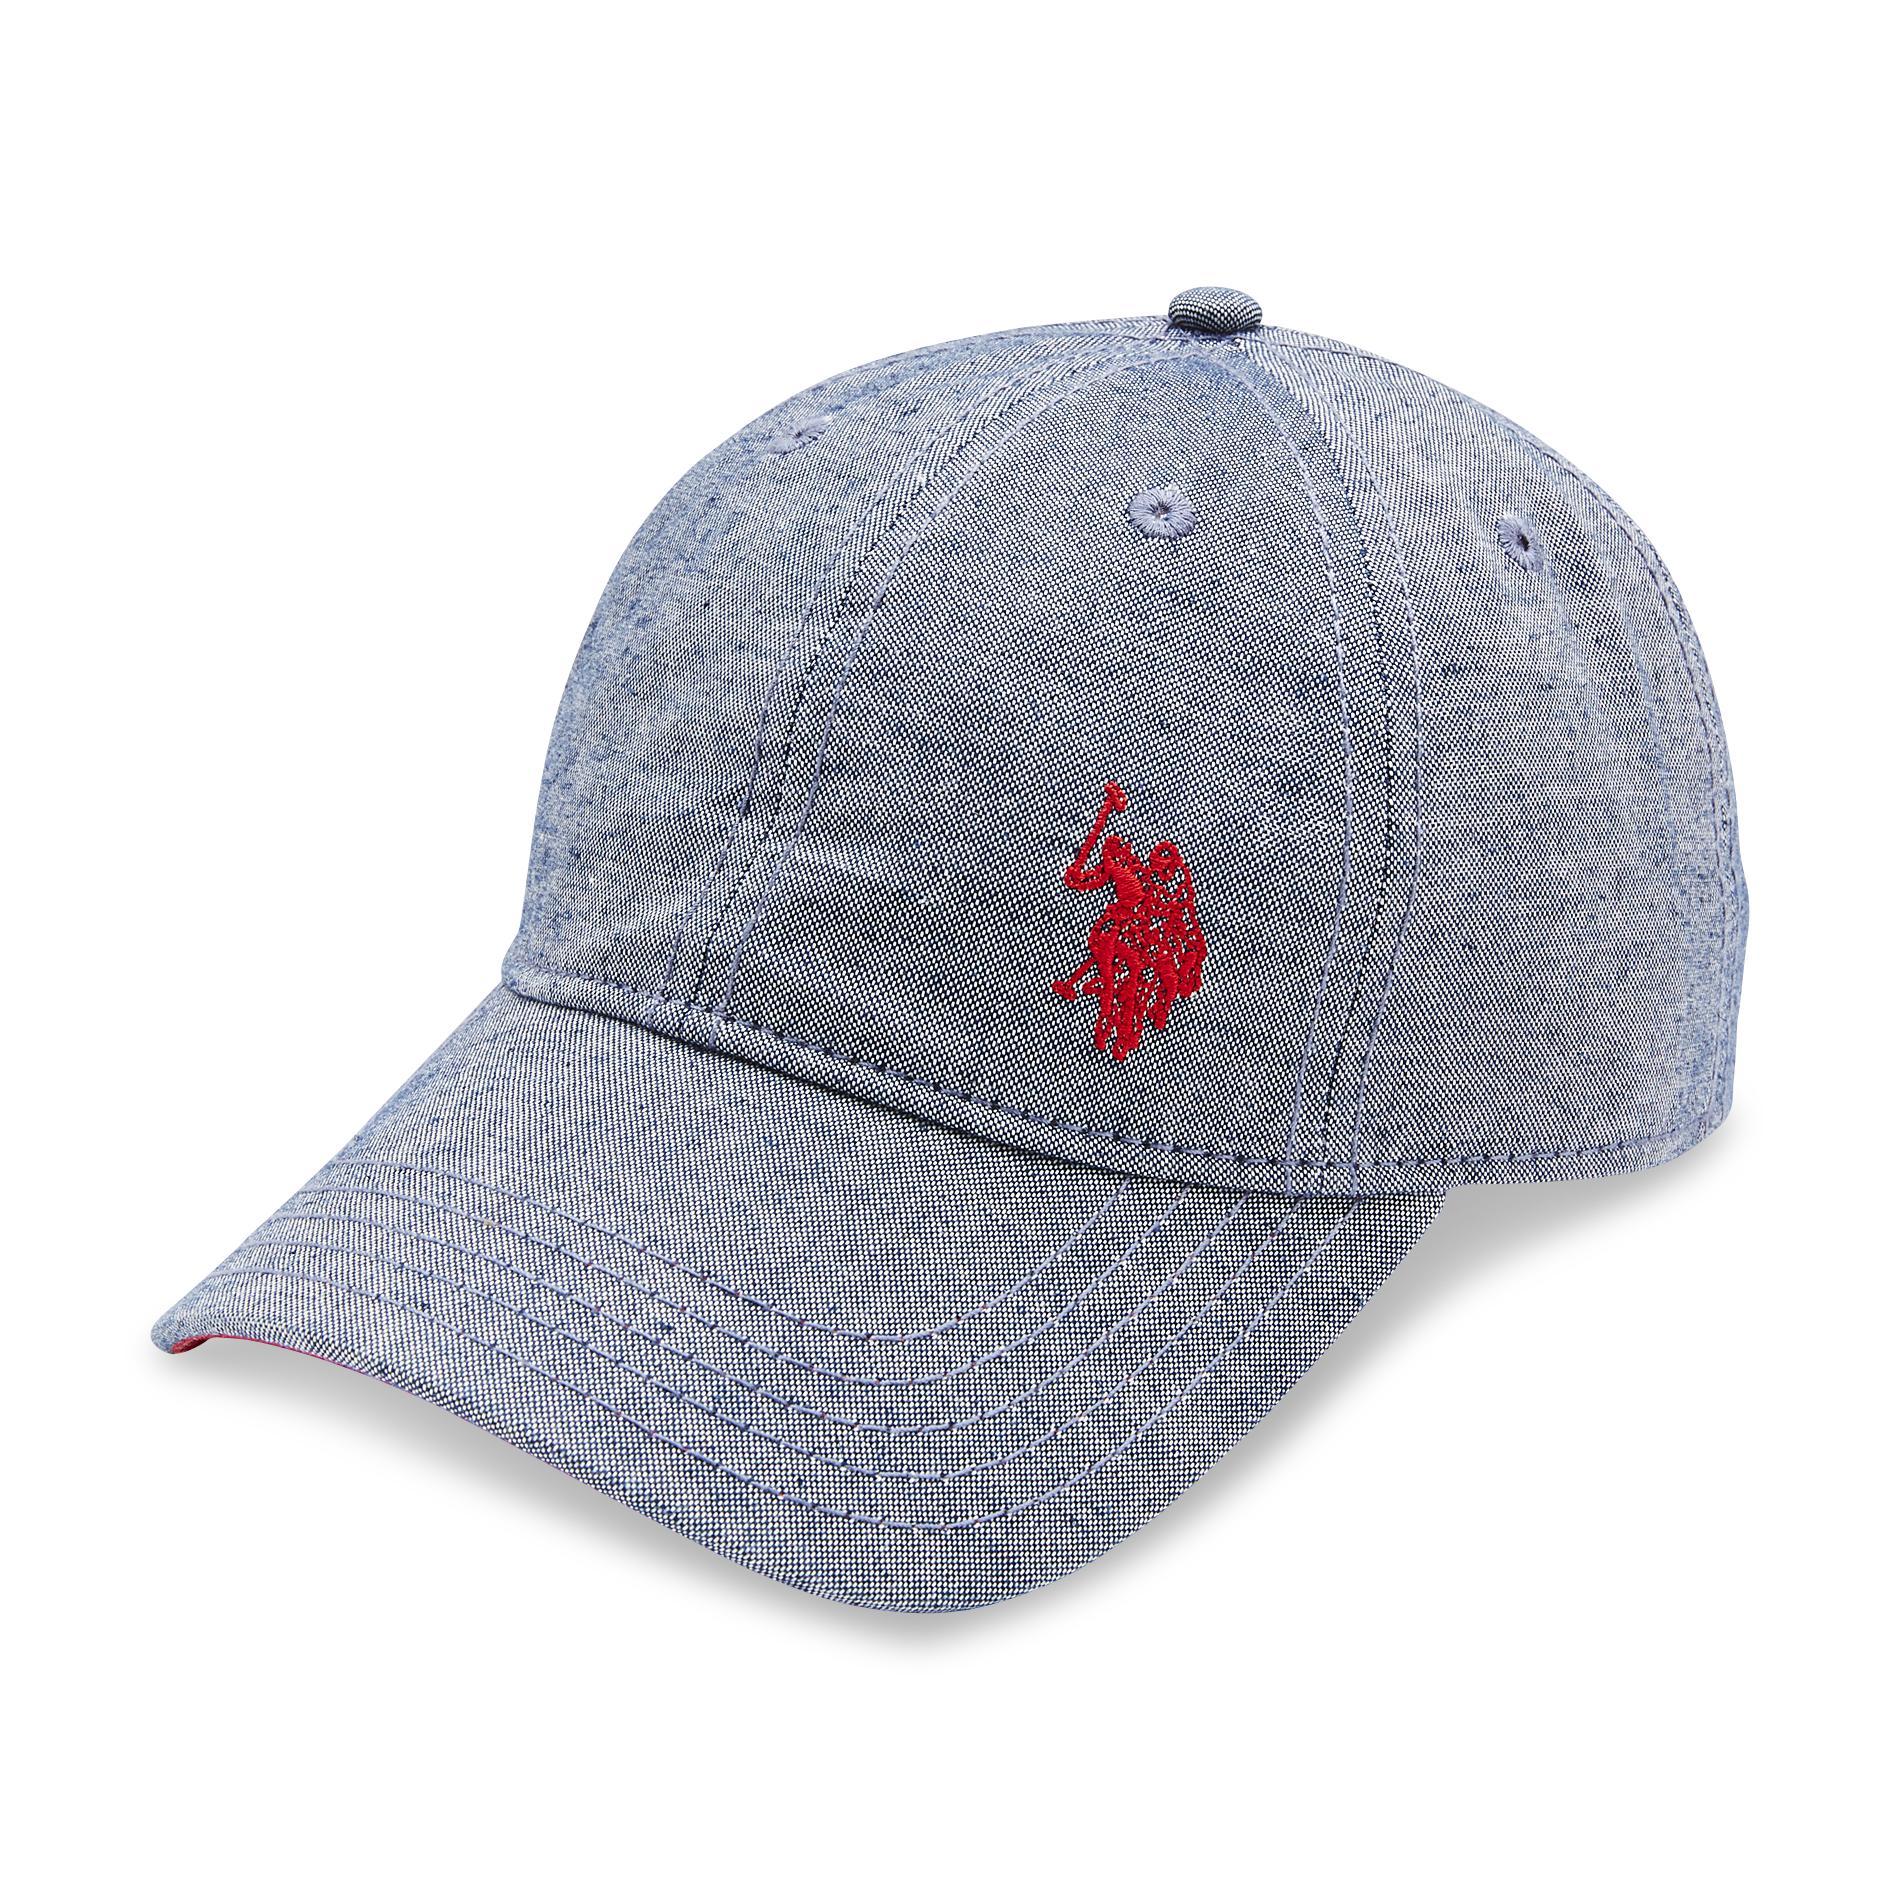 U.S. Polo Assn Men's Caps